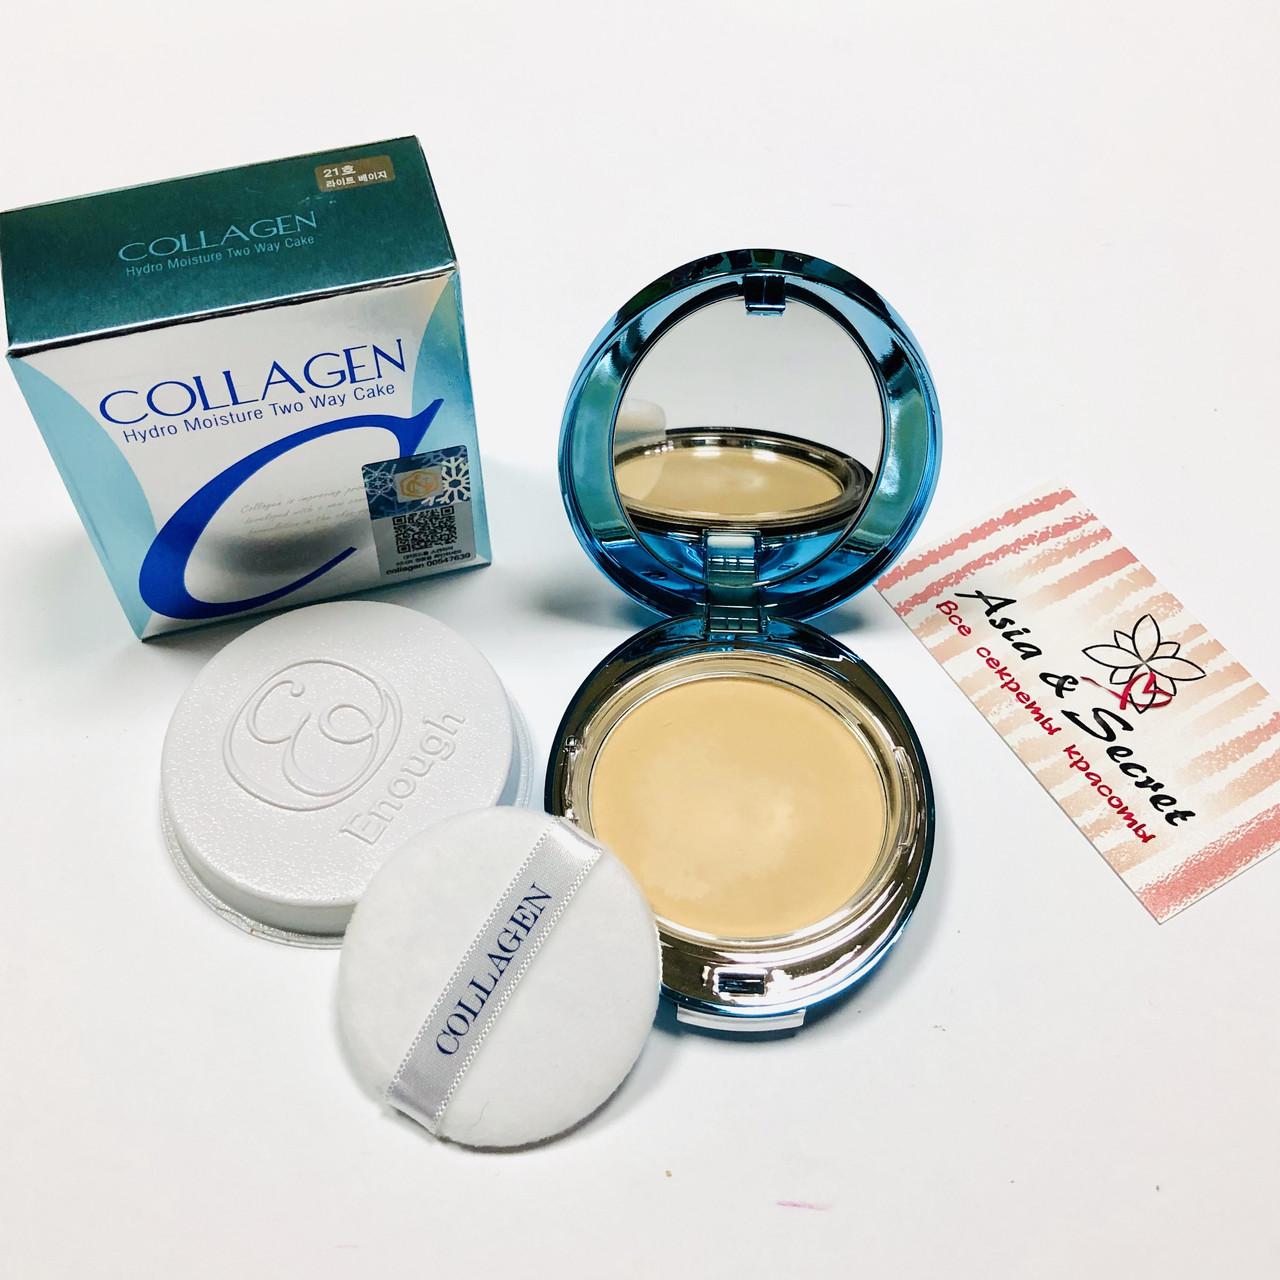 Пудра зволожувальна з колагеном Enough Collagen Hydro Moisture Powder SPF25 13g+13g